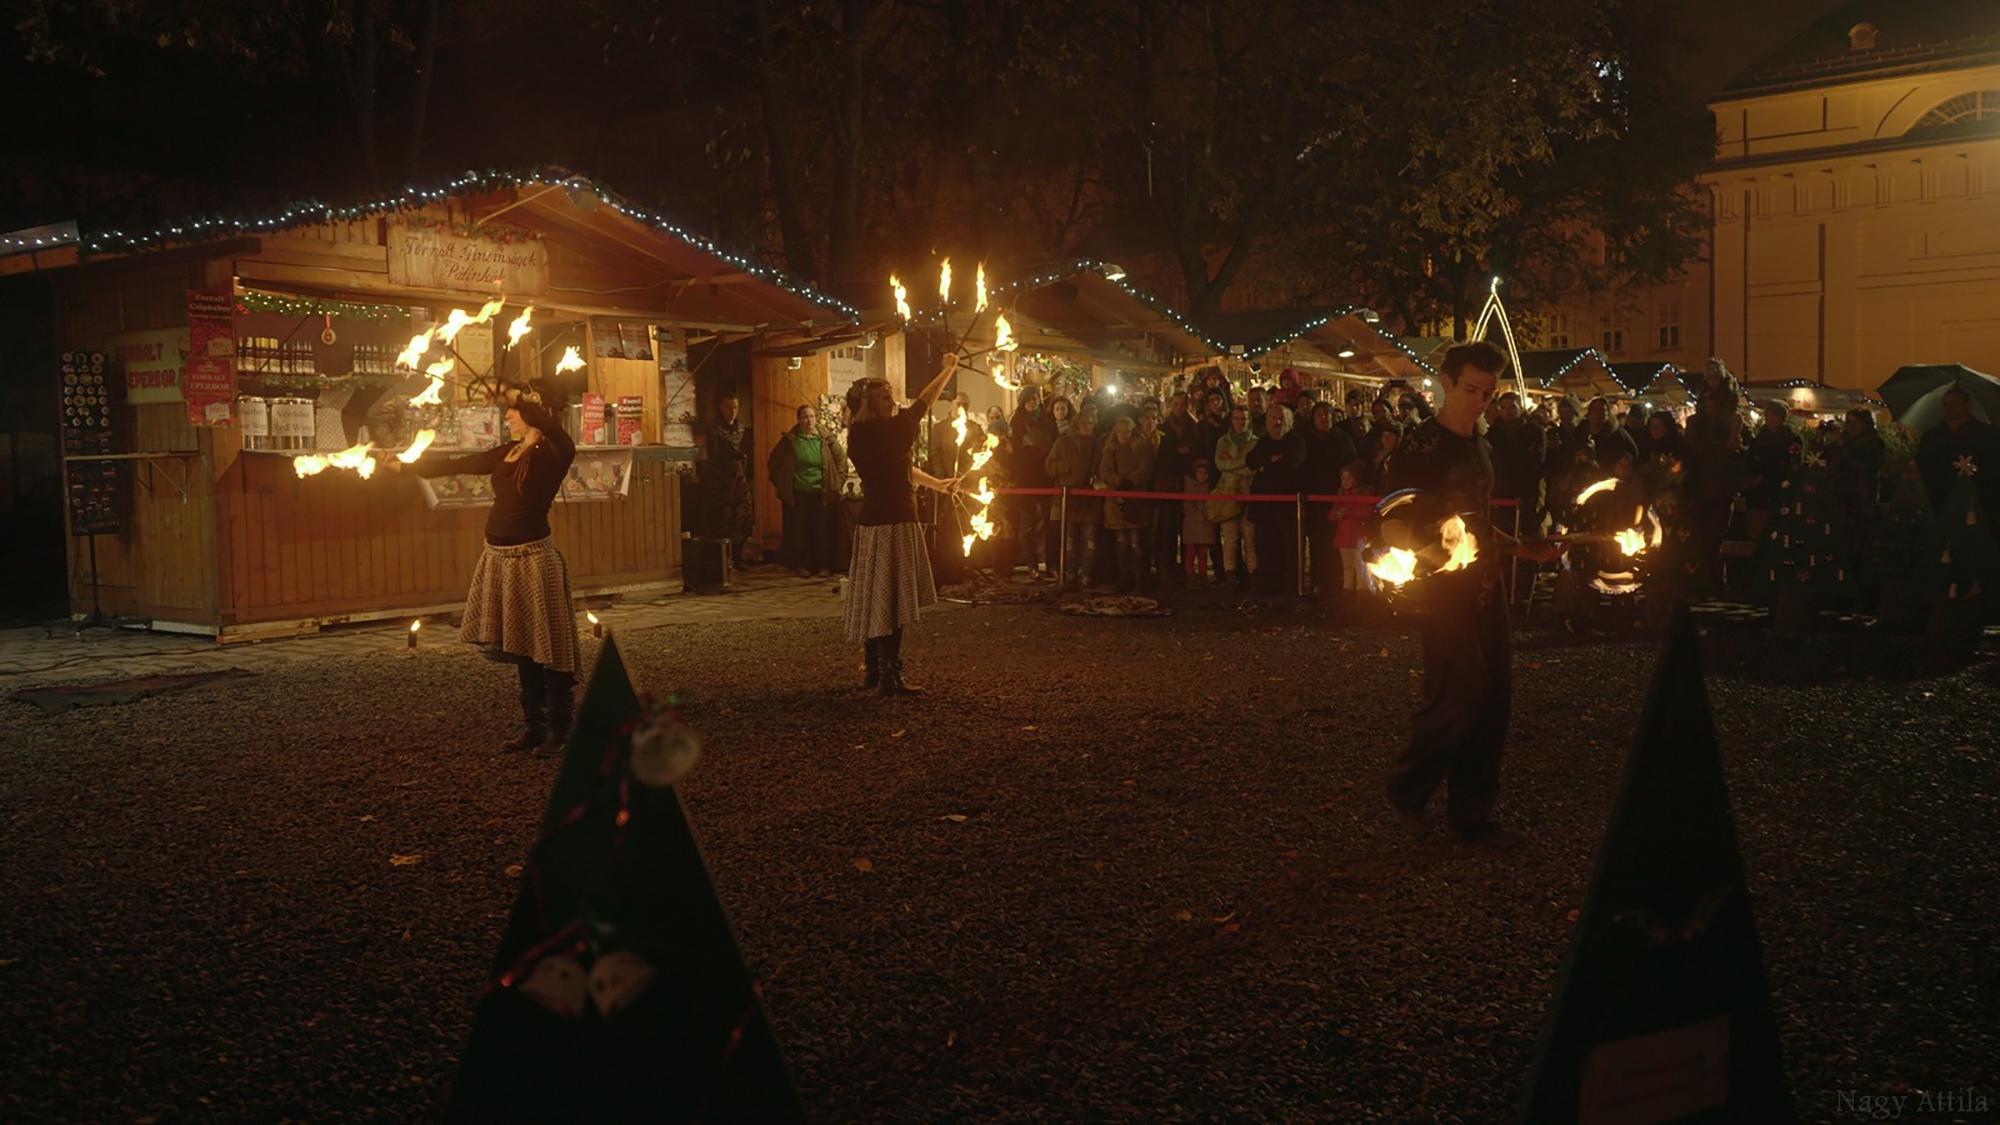 Tüzes varázslat az Advent Budapesten téli fesztiválon